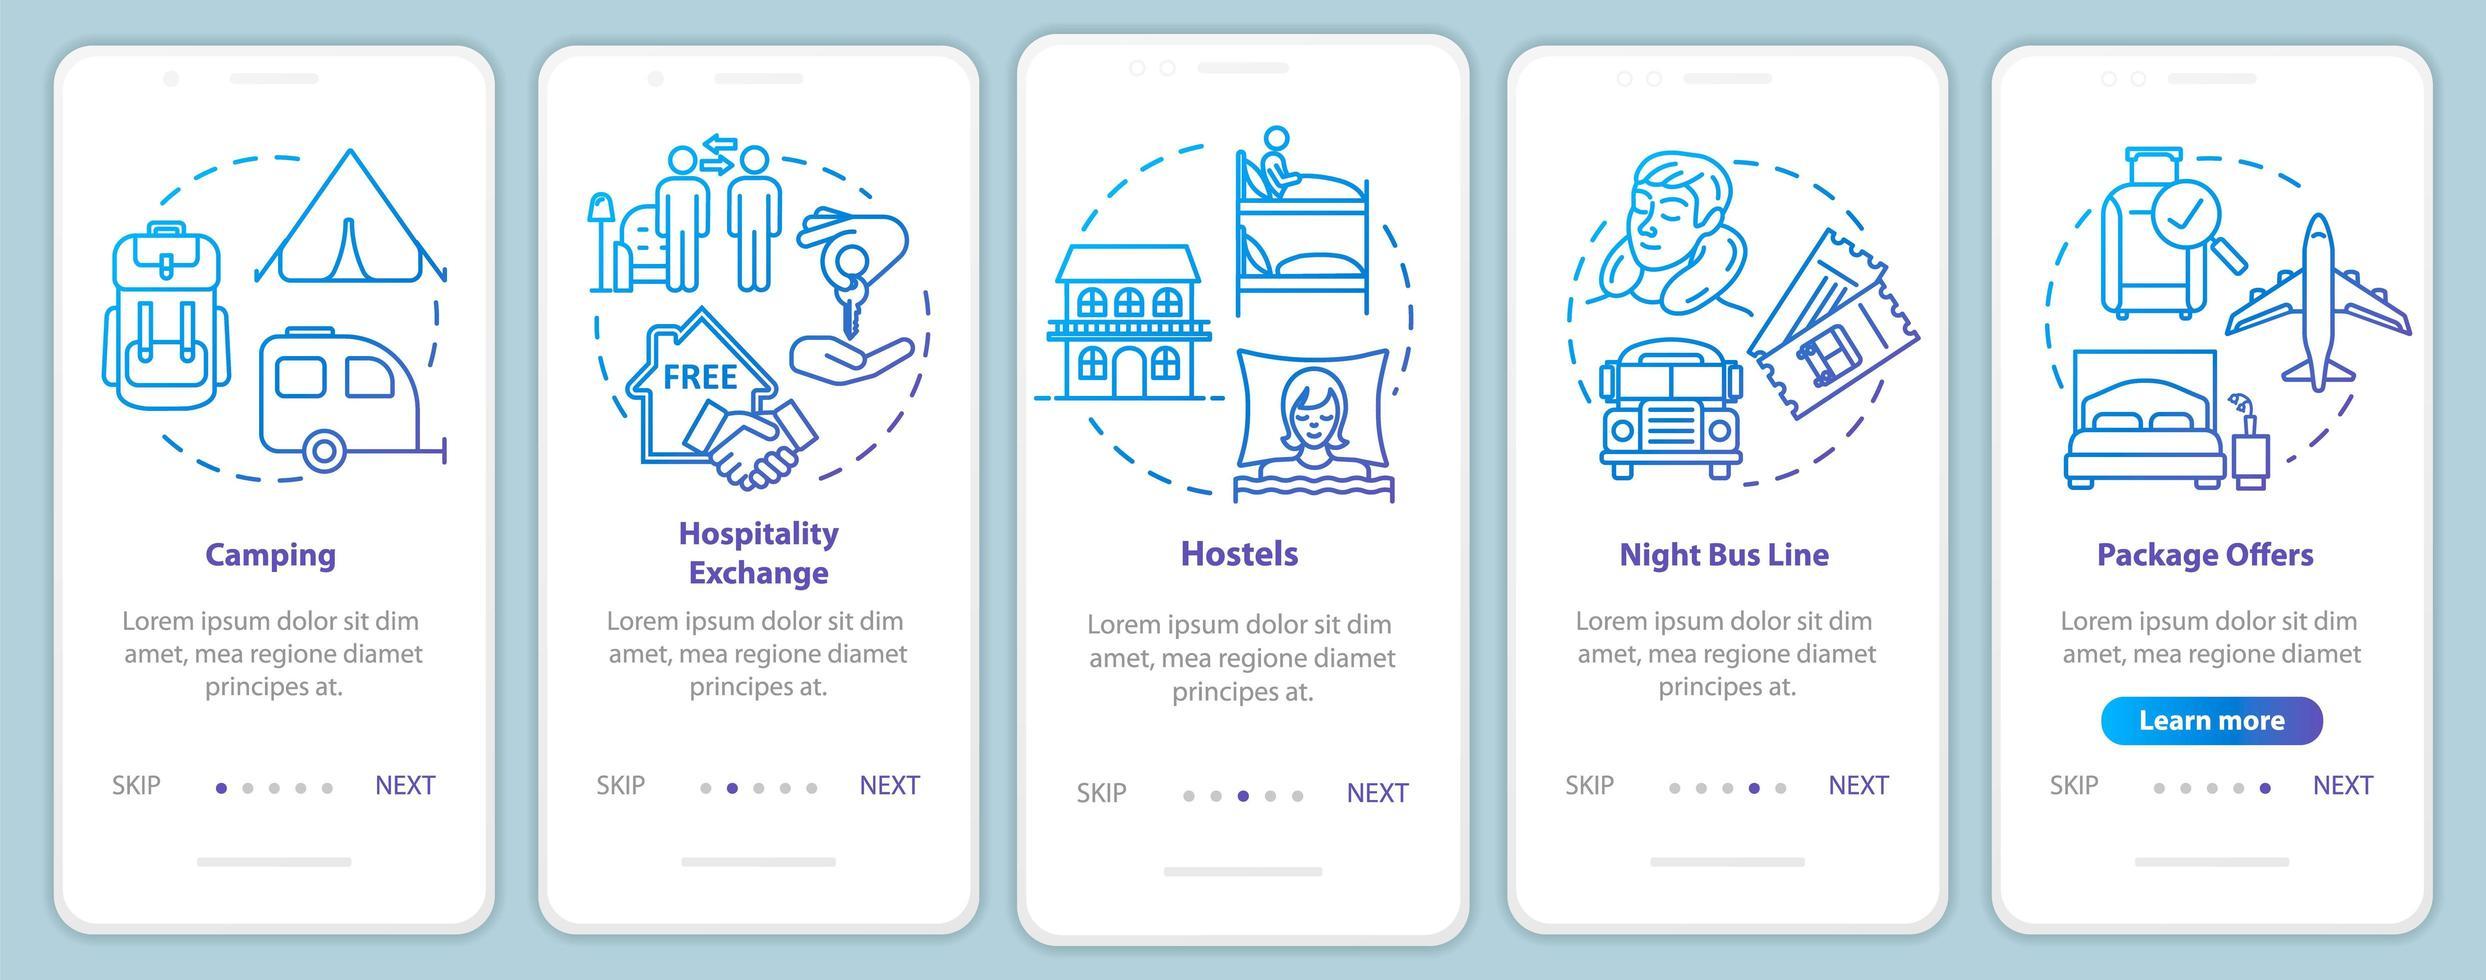 Pernoctación incorporando la pantalla de la página de la aplicación móvil con conceptos. vector